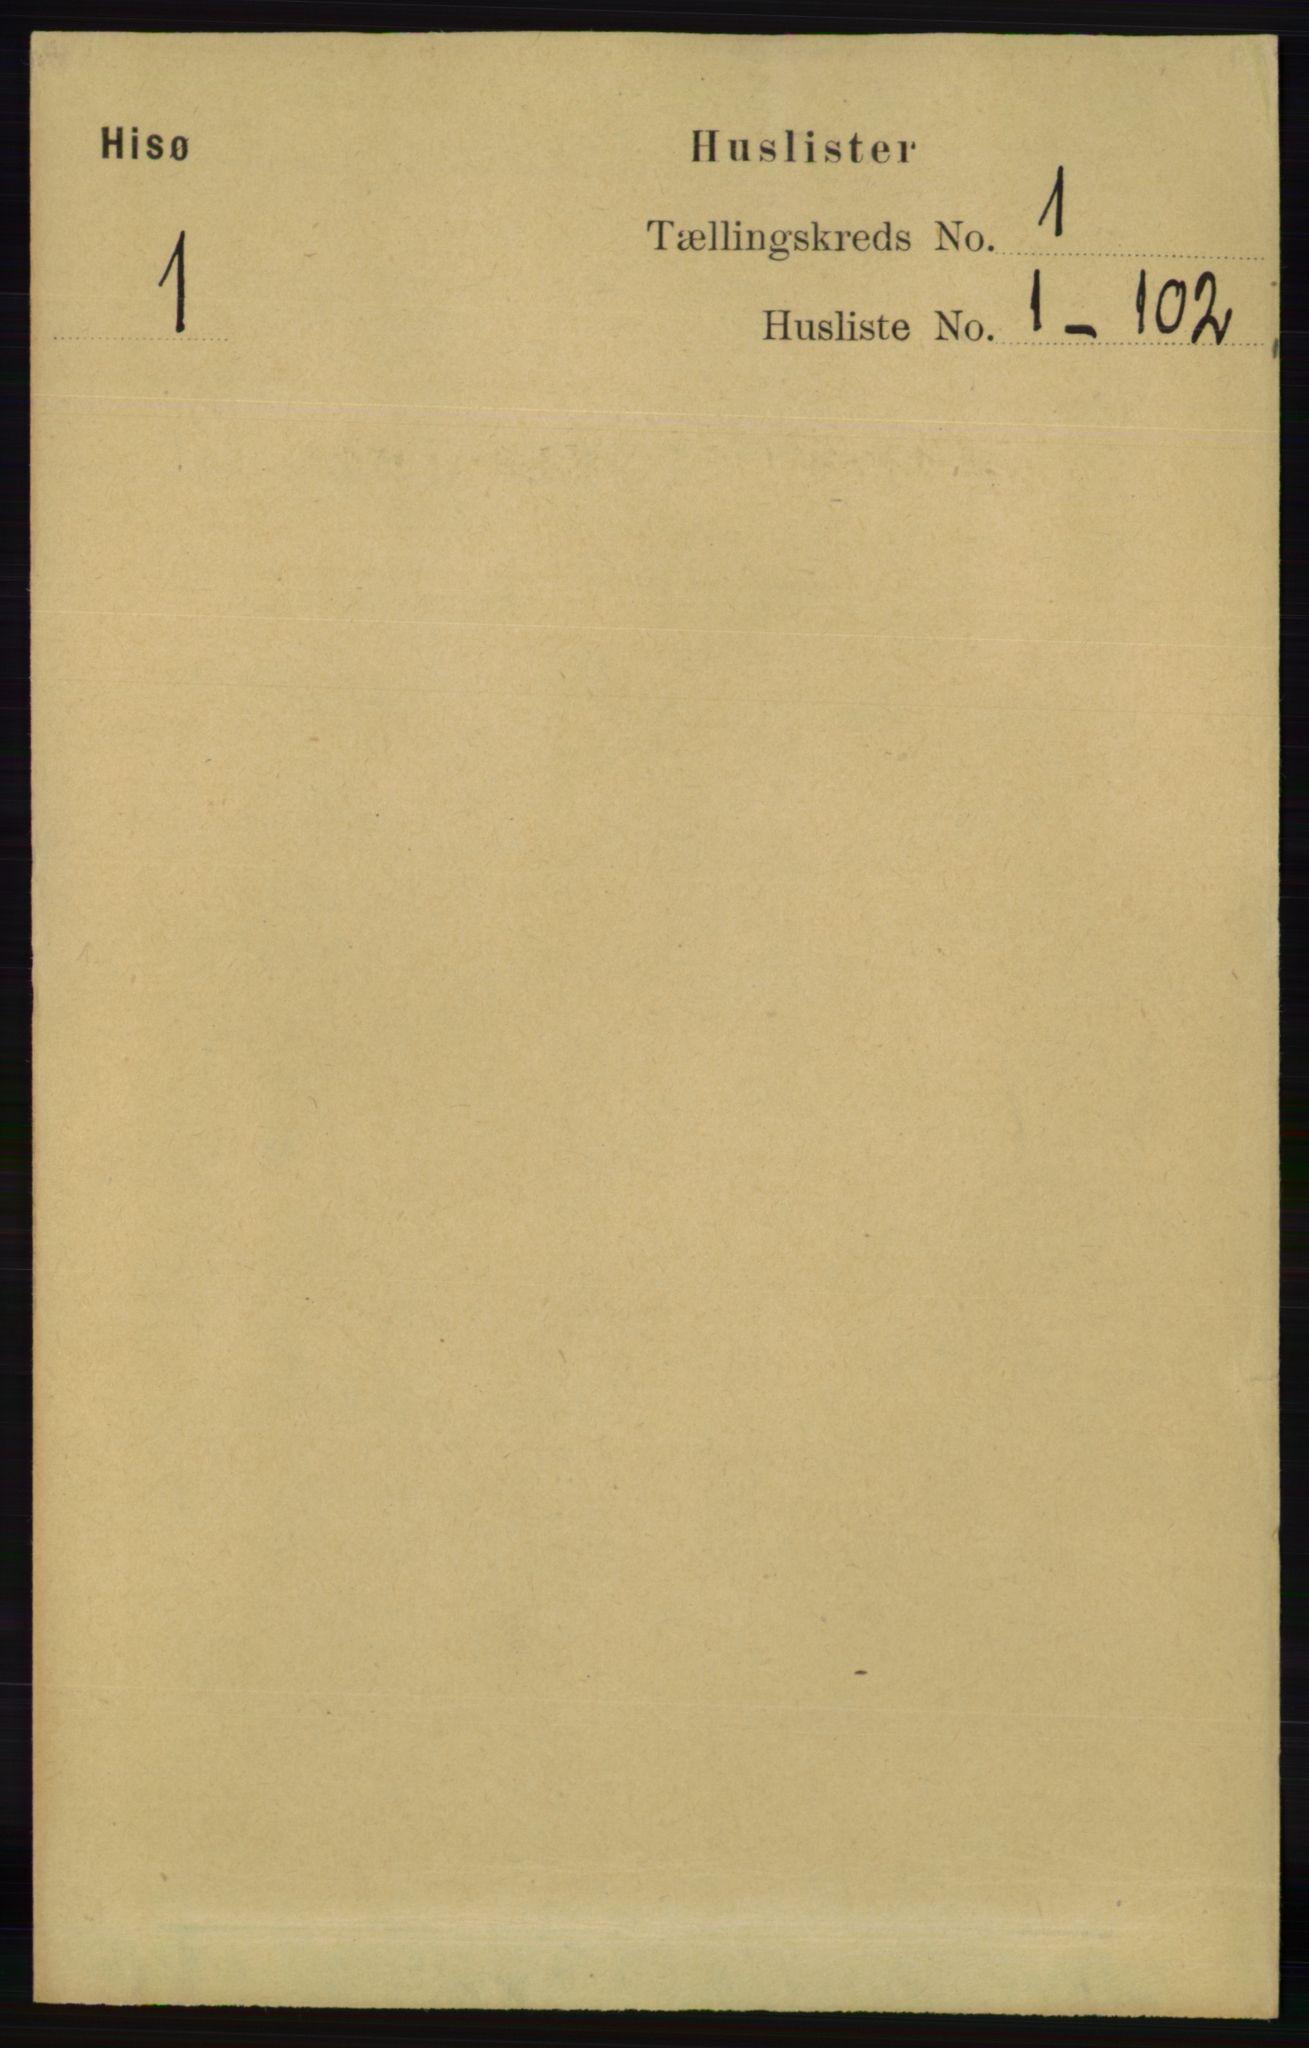 RA, Folketelling 1891 for 0922 Hisøy herred, 1891, s. 18